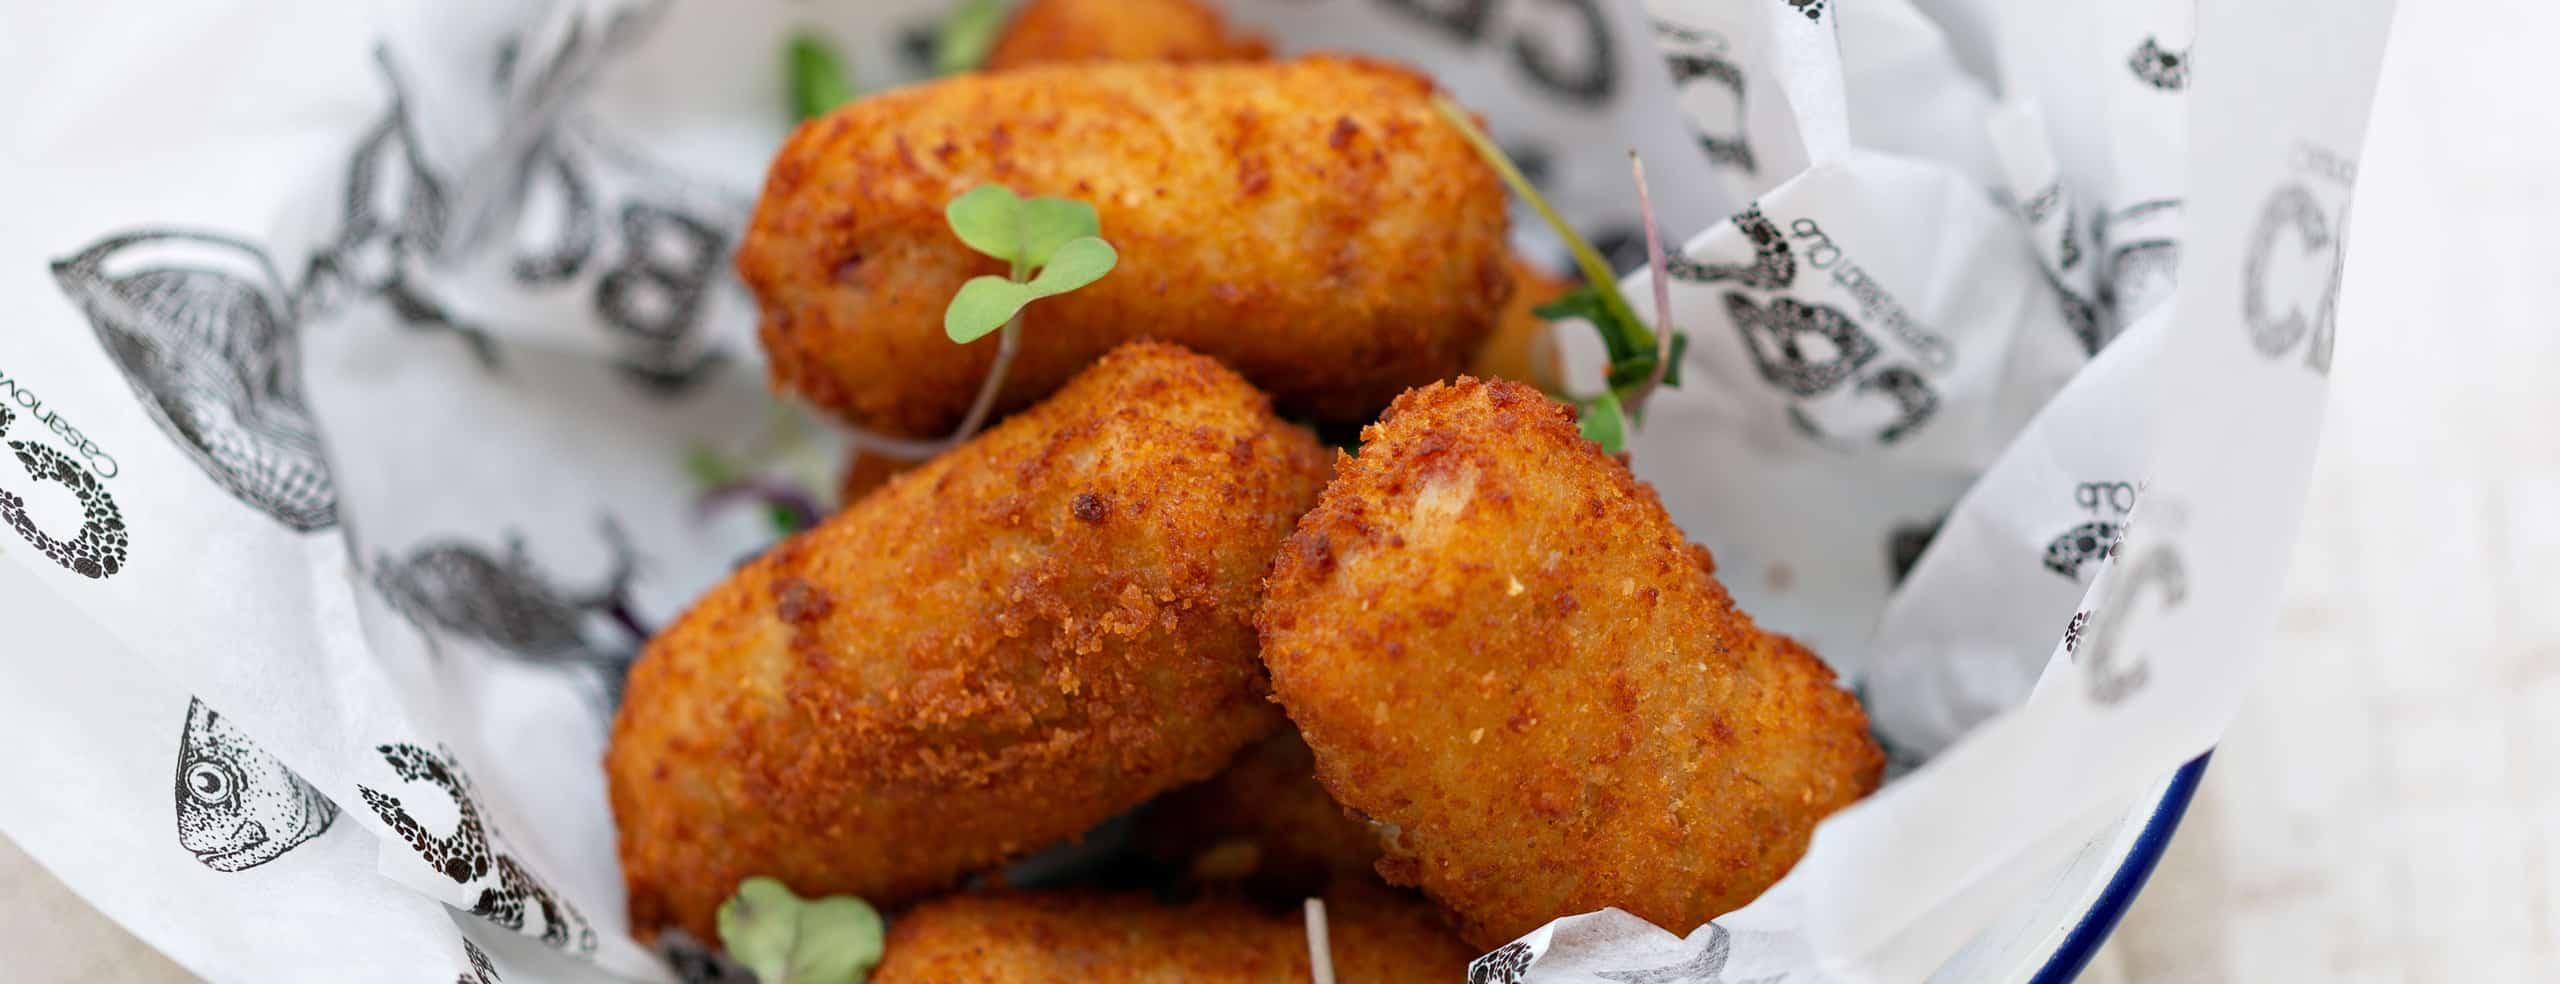 comidaCarita4